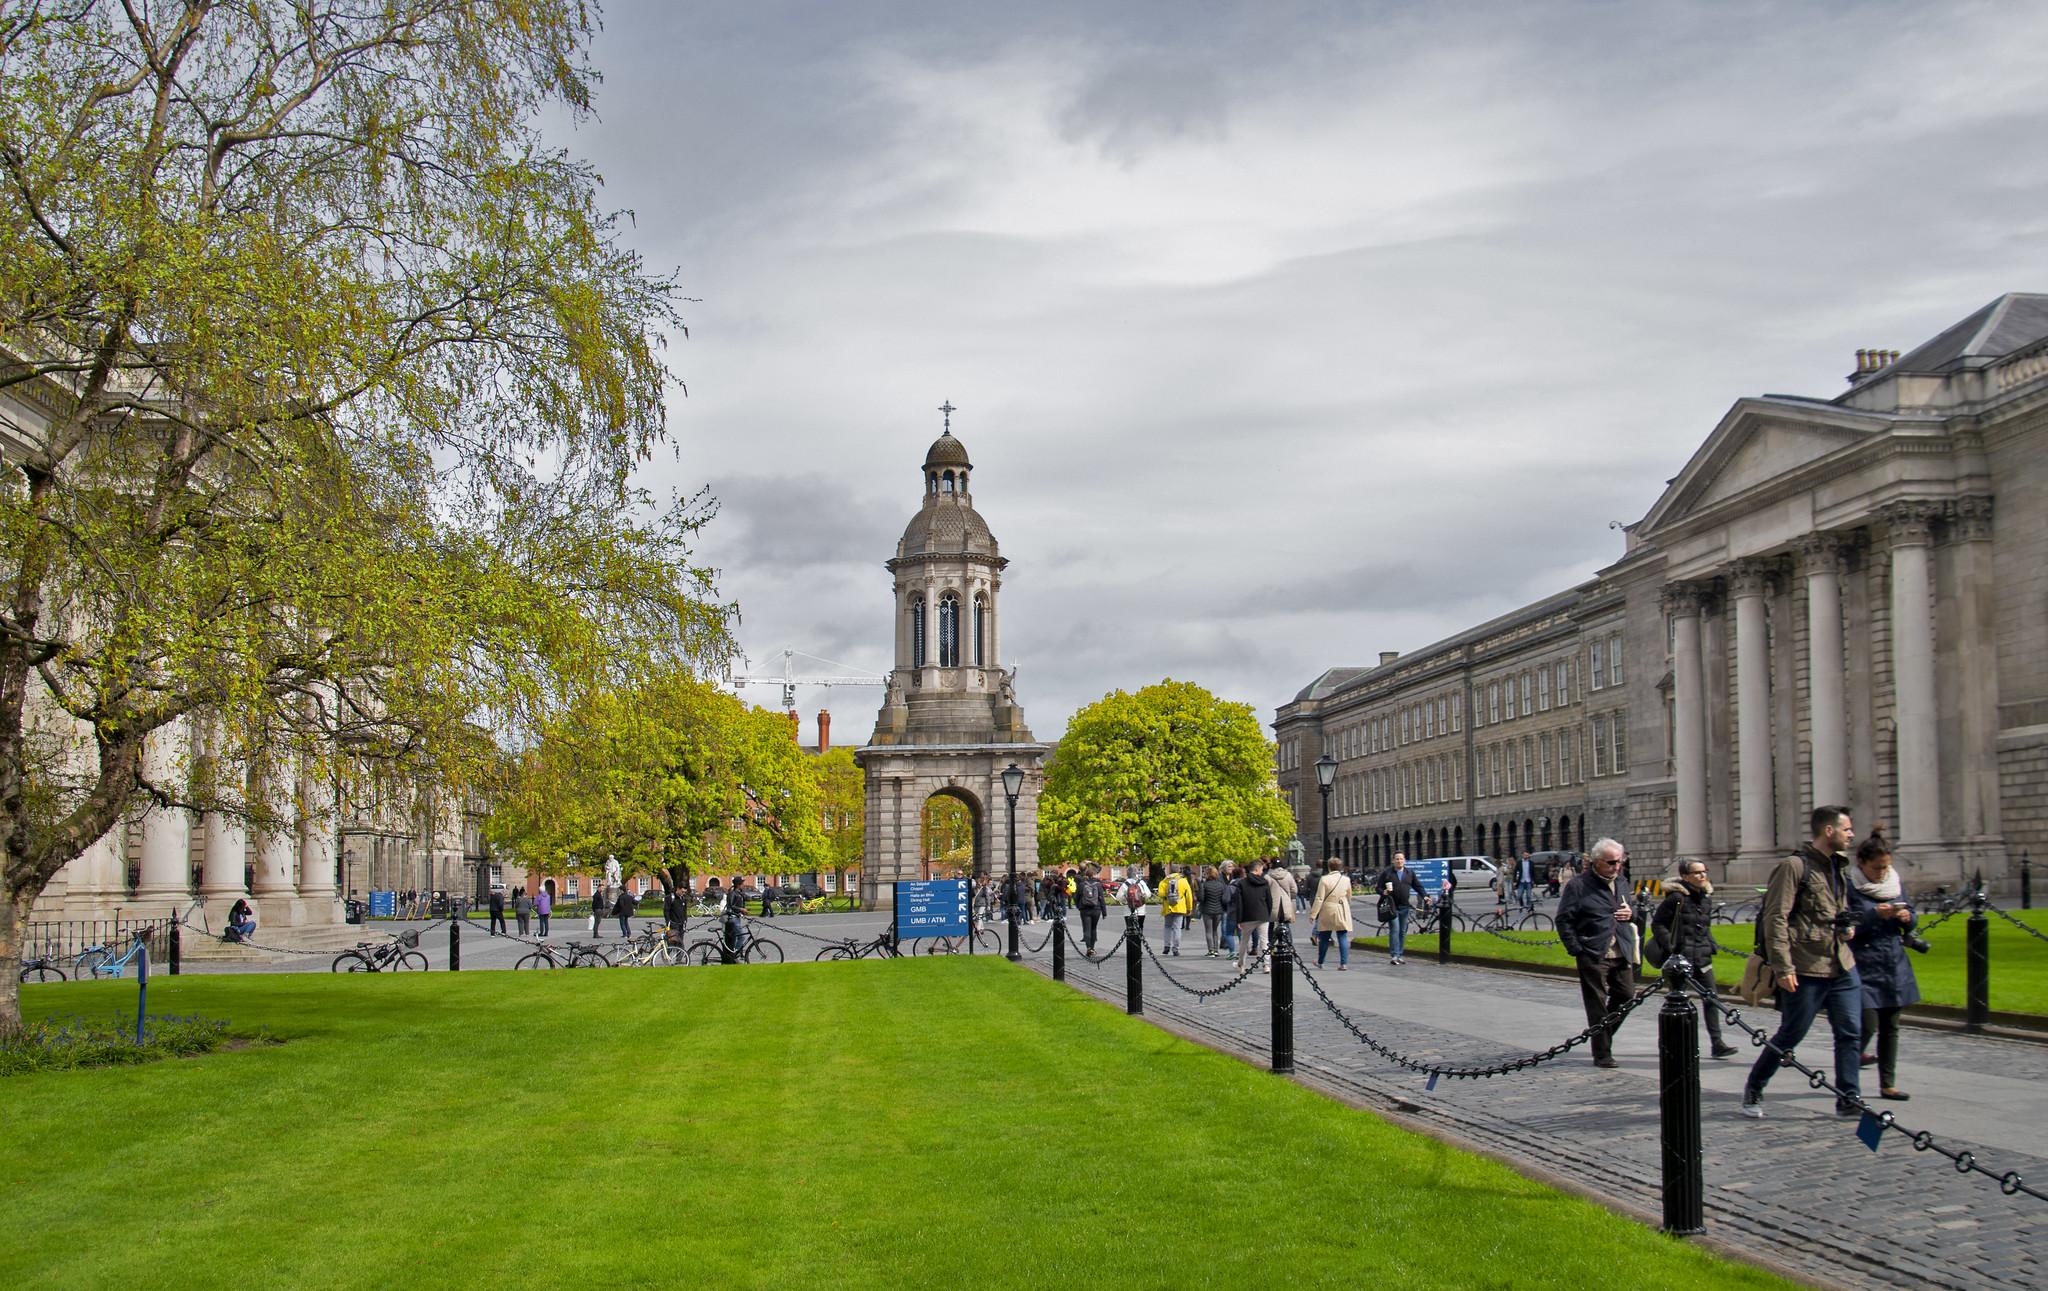 A-Trinity-College-Dublin-é-a-primeira-entre-as-melhores-universidades-da-Irlanda